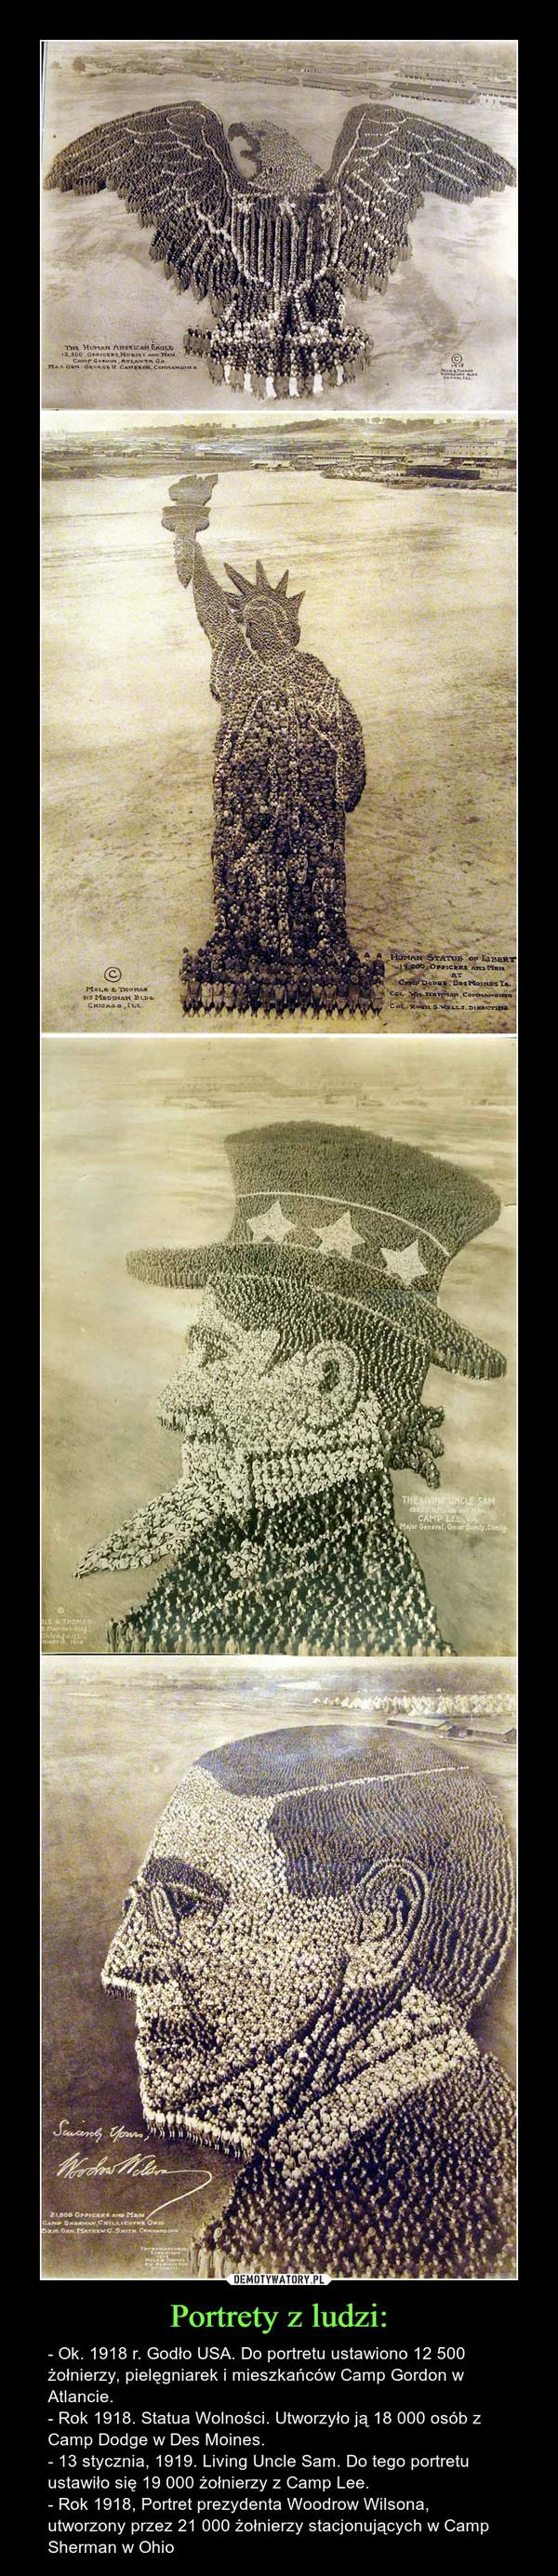 Portrety z ludzi: – - Ok. 1918 r. Godło USA. Do portretu ustawiono 12 500 żołnierzy, pielęgniarek i mieszkańców Camp Gordon w Atlancie.- Rok 1918. Statua Wolności. Utworzyło ją 18 000 osób z Camp Dodge w Des Moines.- 13 stycznia, 1919. Living Uncle Sam. Do tego portretu ustawiło się 19 000 żołnierzy z Camp Lee.- Rok 1918, Portret prezydenta Woodrow Wilsona, utworzony przez 21 000 żołnierzy stacjonujących w Camp Sherman w Ohio